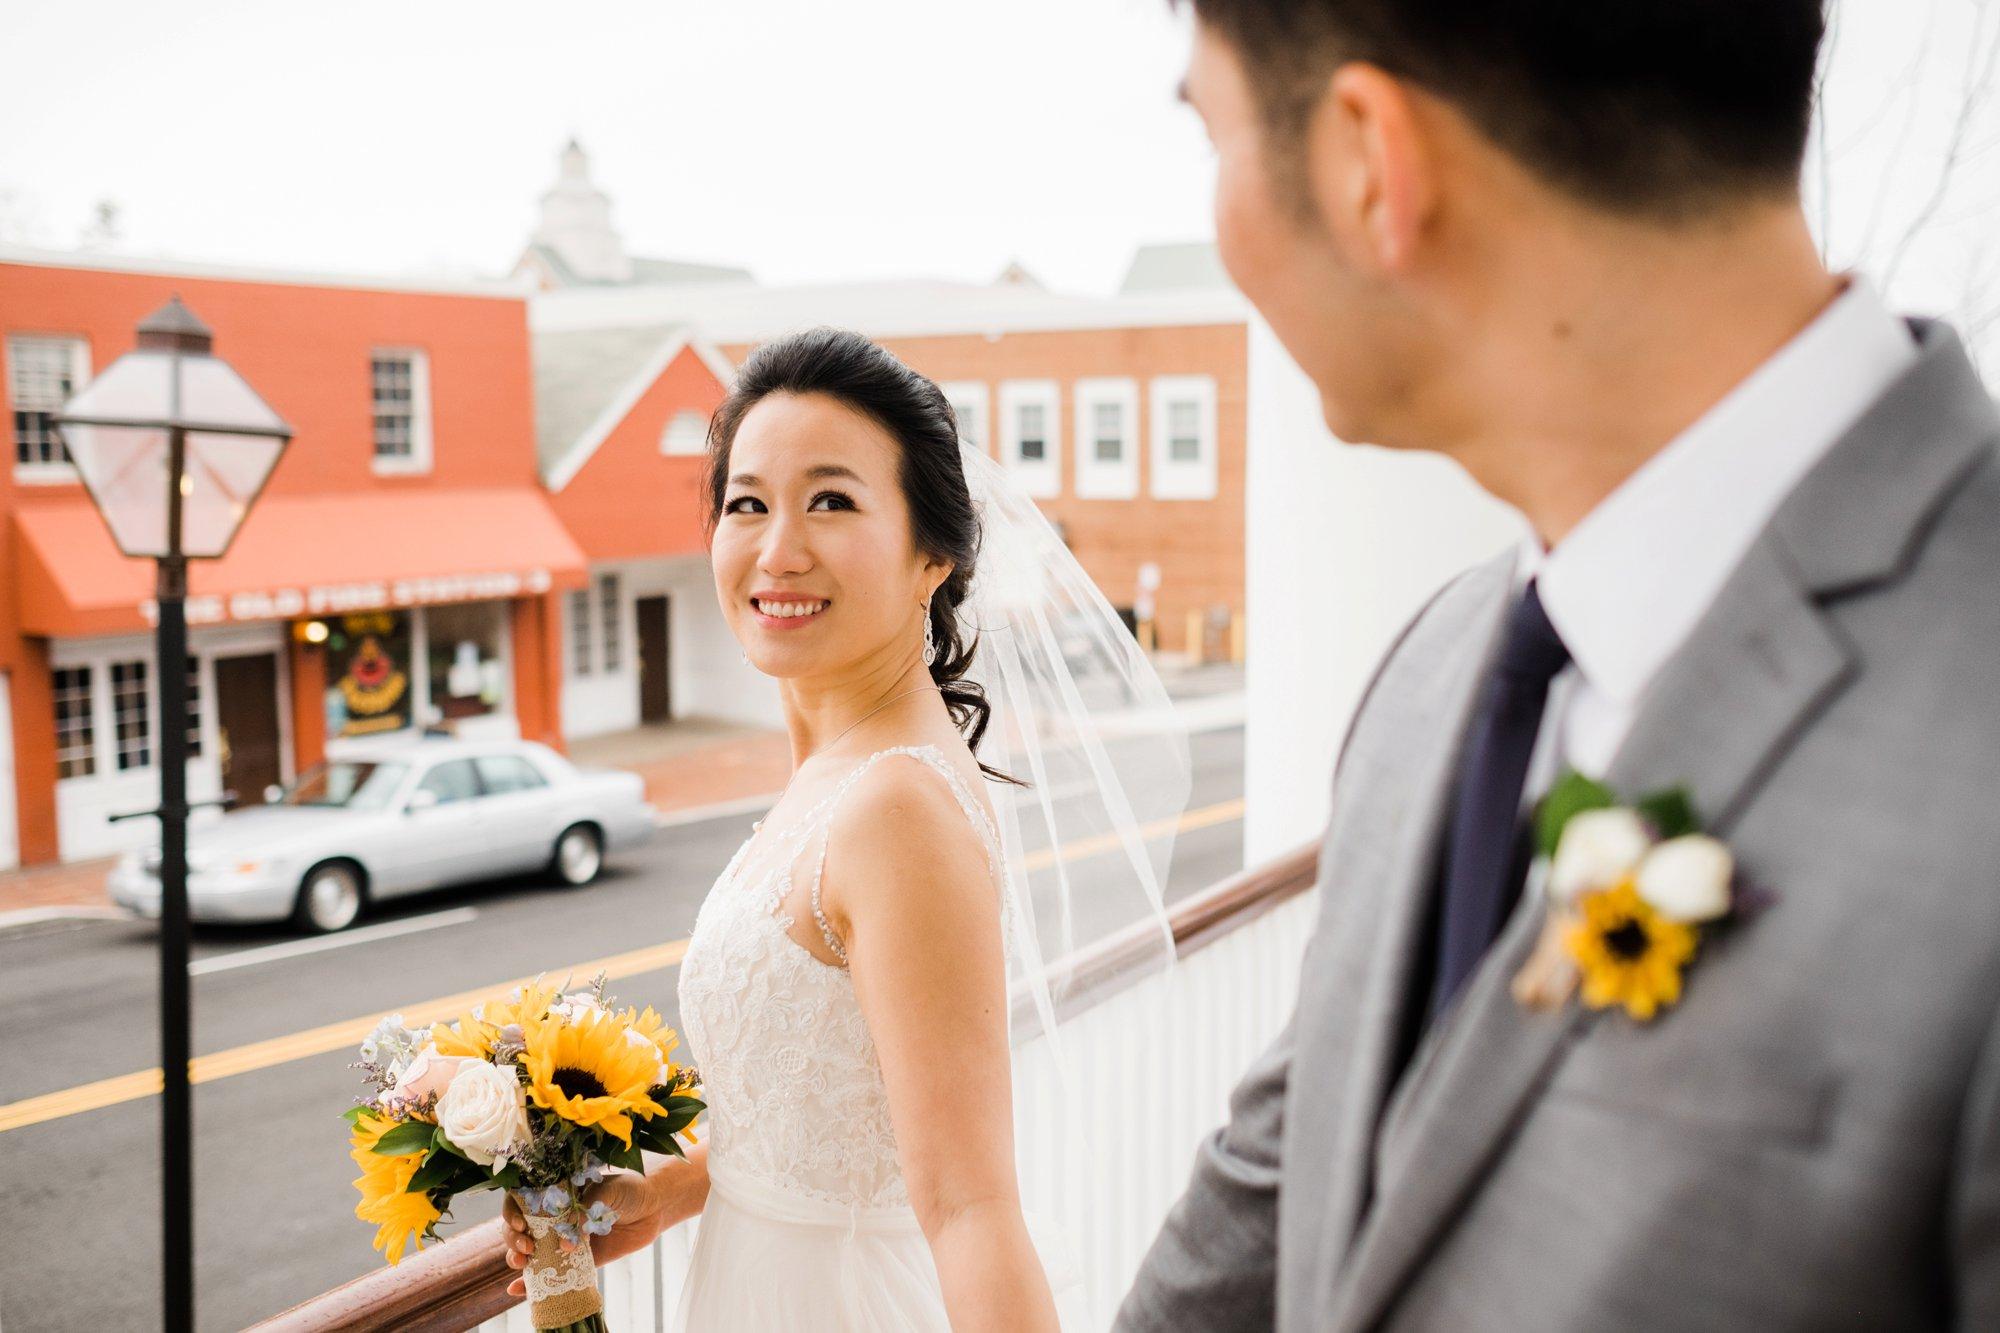 fairfax-dc-wedding-old-city-hall_0086.jpg